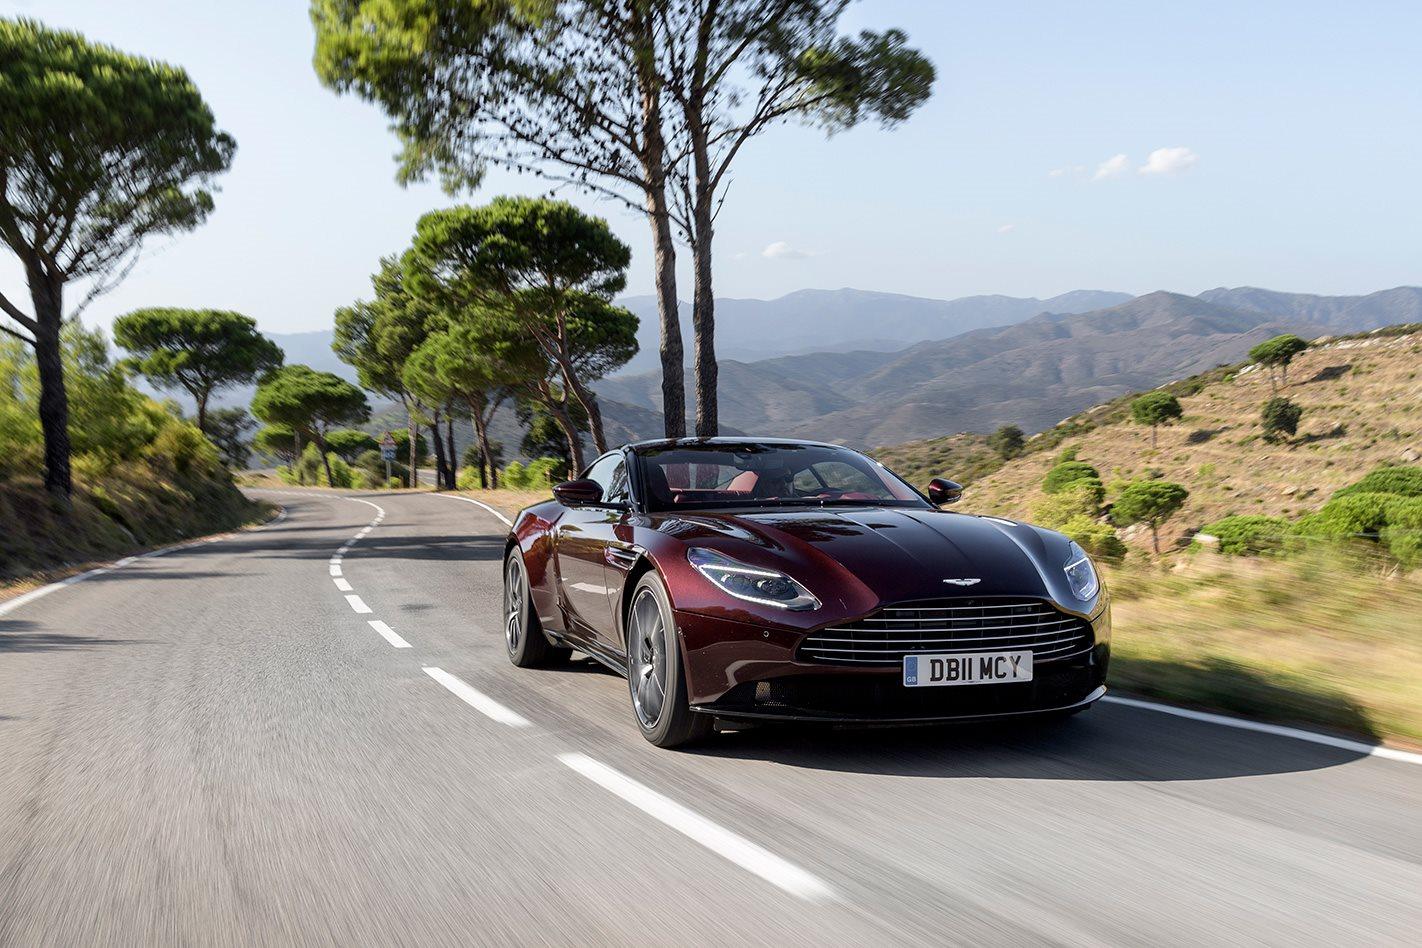 2018 Aston Martin DB11 V8 front.jpg